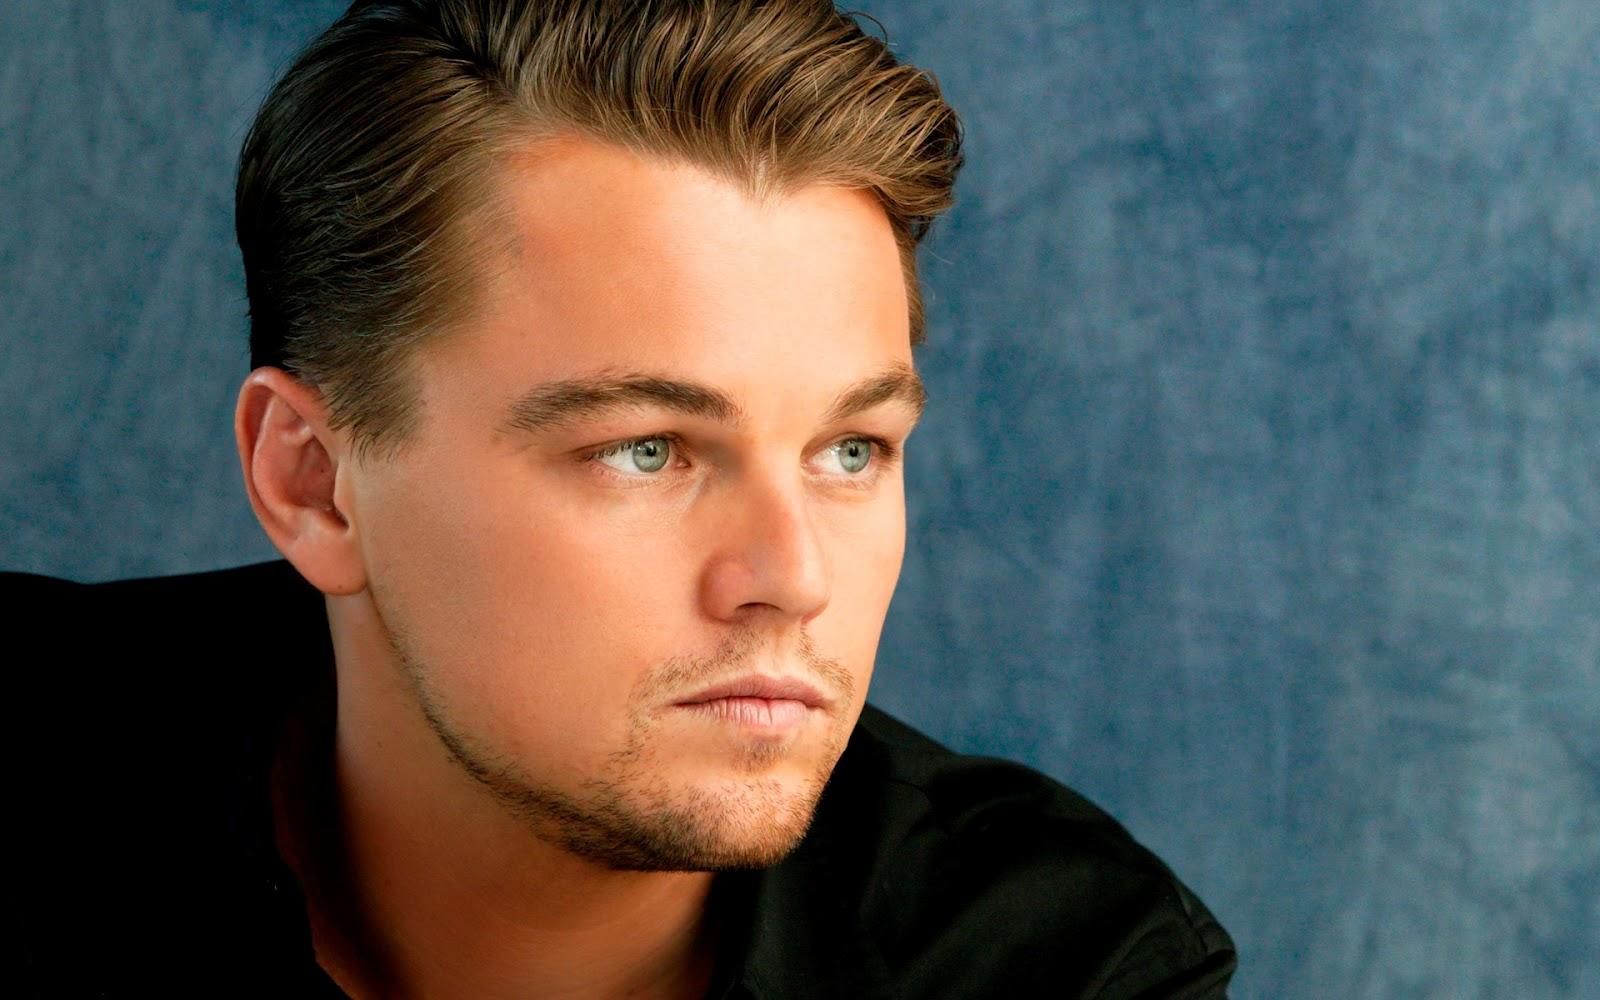 http://1.bp.blogspot.com/-gyIIgP7XnSA/UFZjkvHsN9I/AAAAAAAAmpk/WqQQFhfyy_I/s1600/Leonardo-DiCaprio_Fondos-HD-de-Hombres-Famosos.jpg